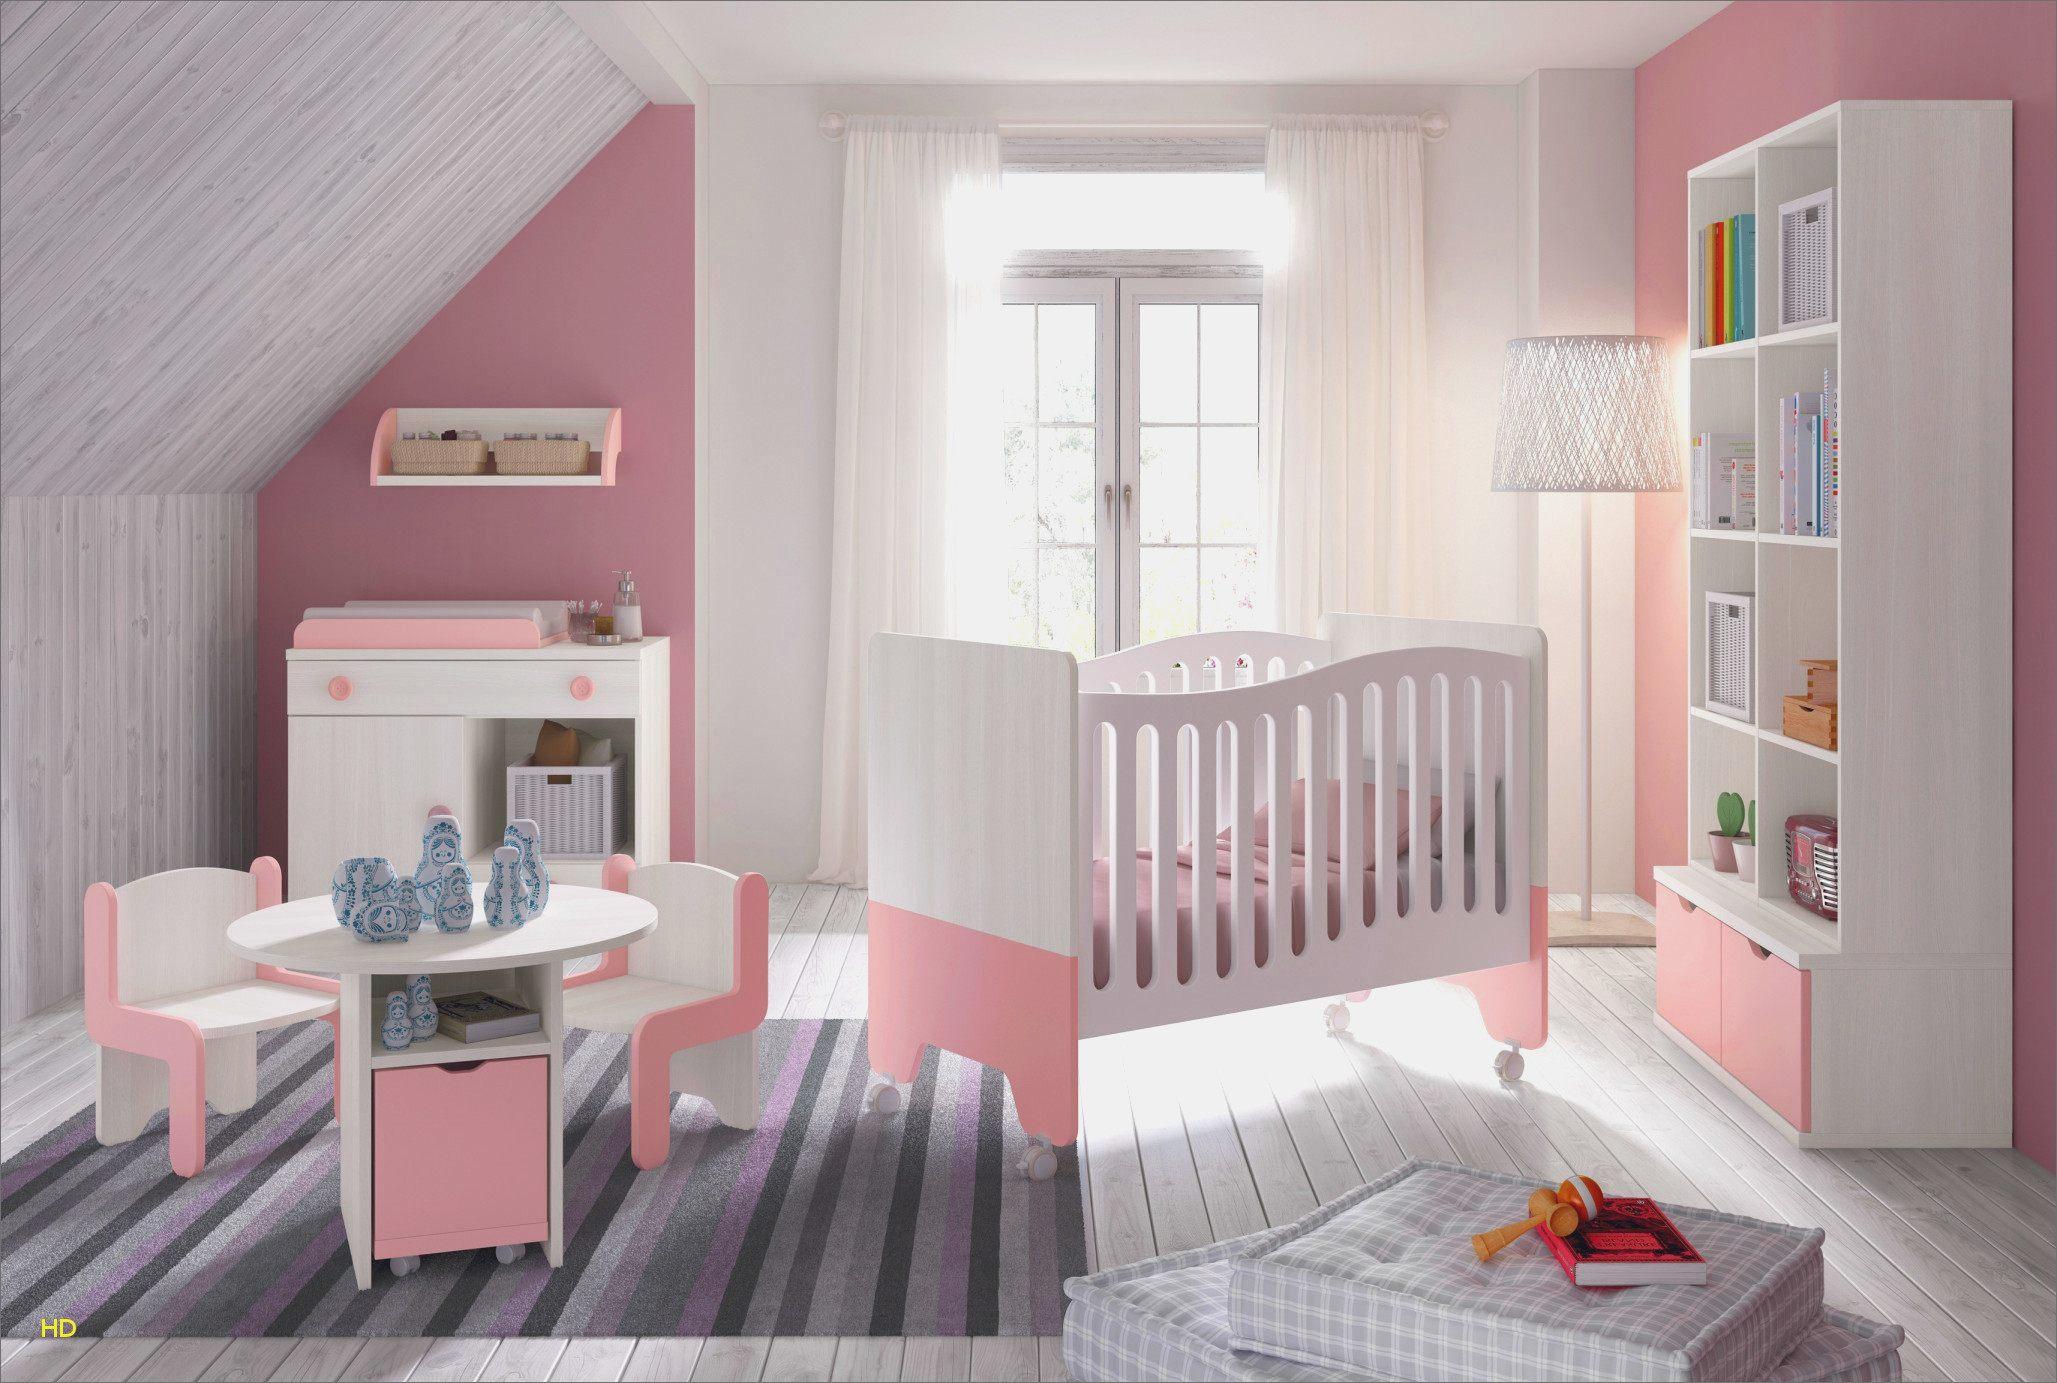 Jouet Lit Bébé Agréable élégant Chaise Haute Bébé Fille Avec Chambre Bébé Mickey Chaise